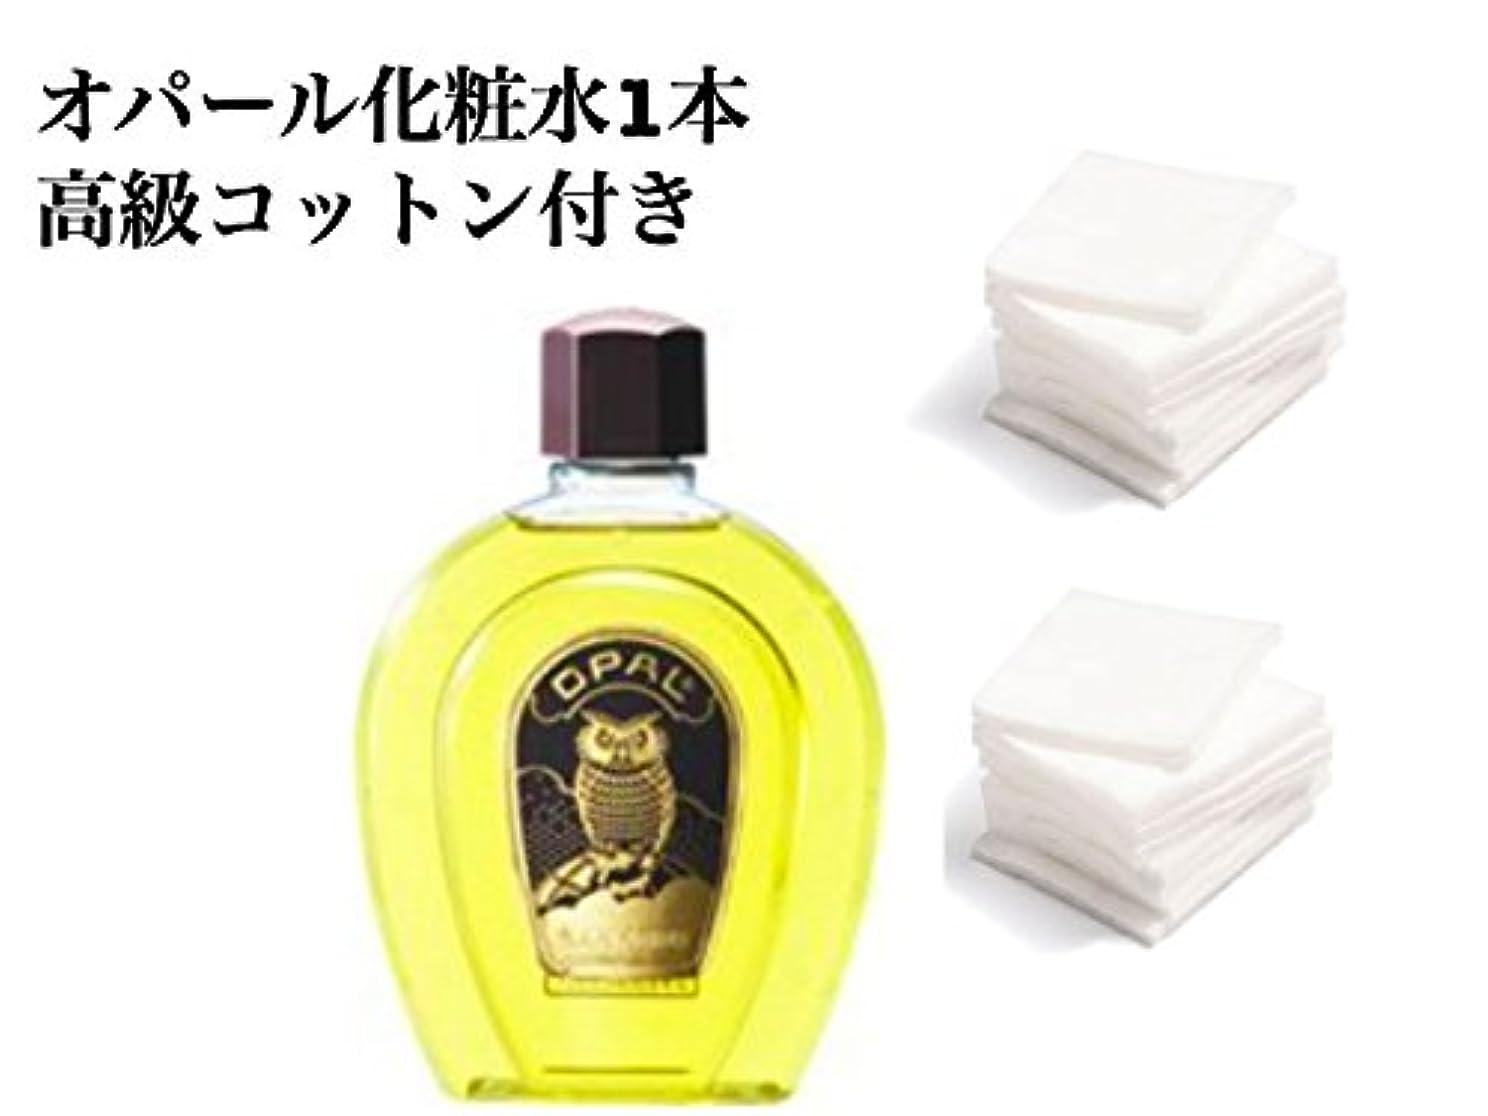 バウンスドライブ遠洋の薬用オパール_普通肌?荒肌用化粧水 [医薬部外品] (460mL)